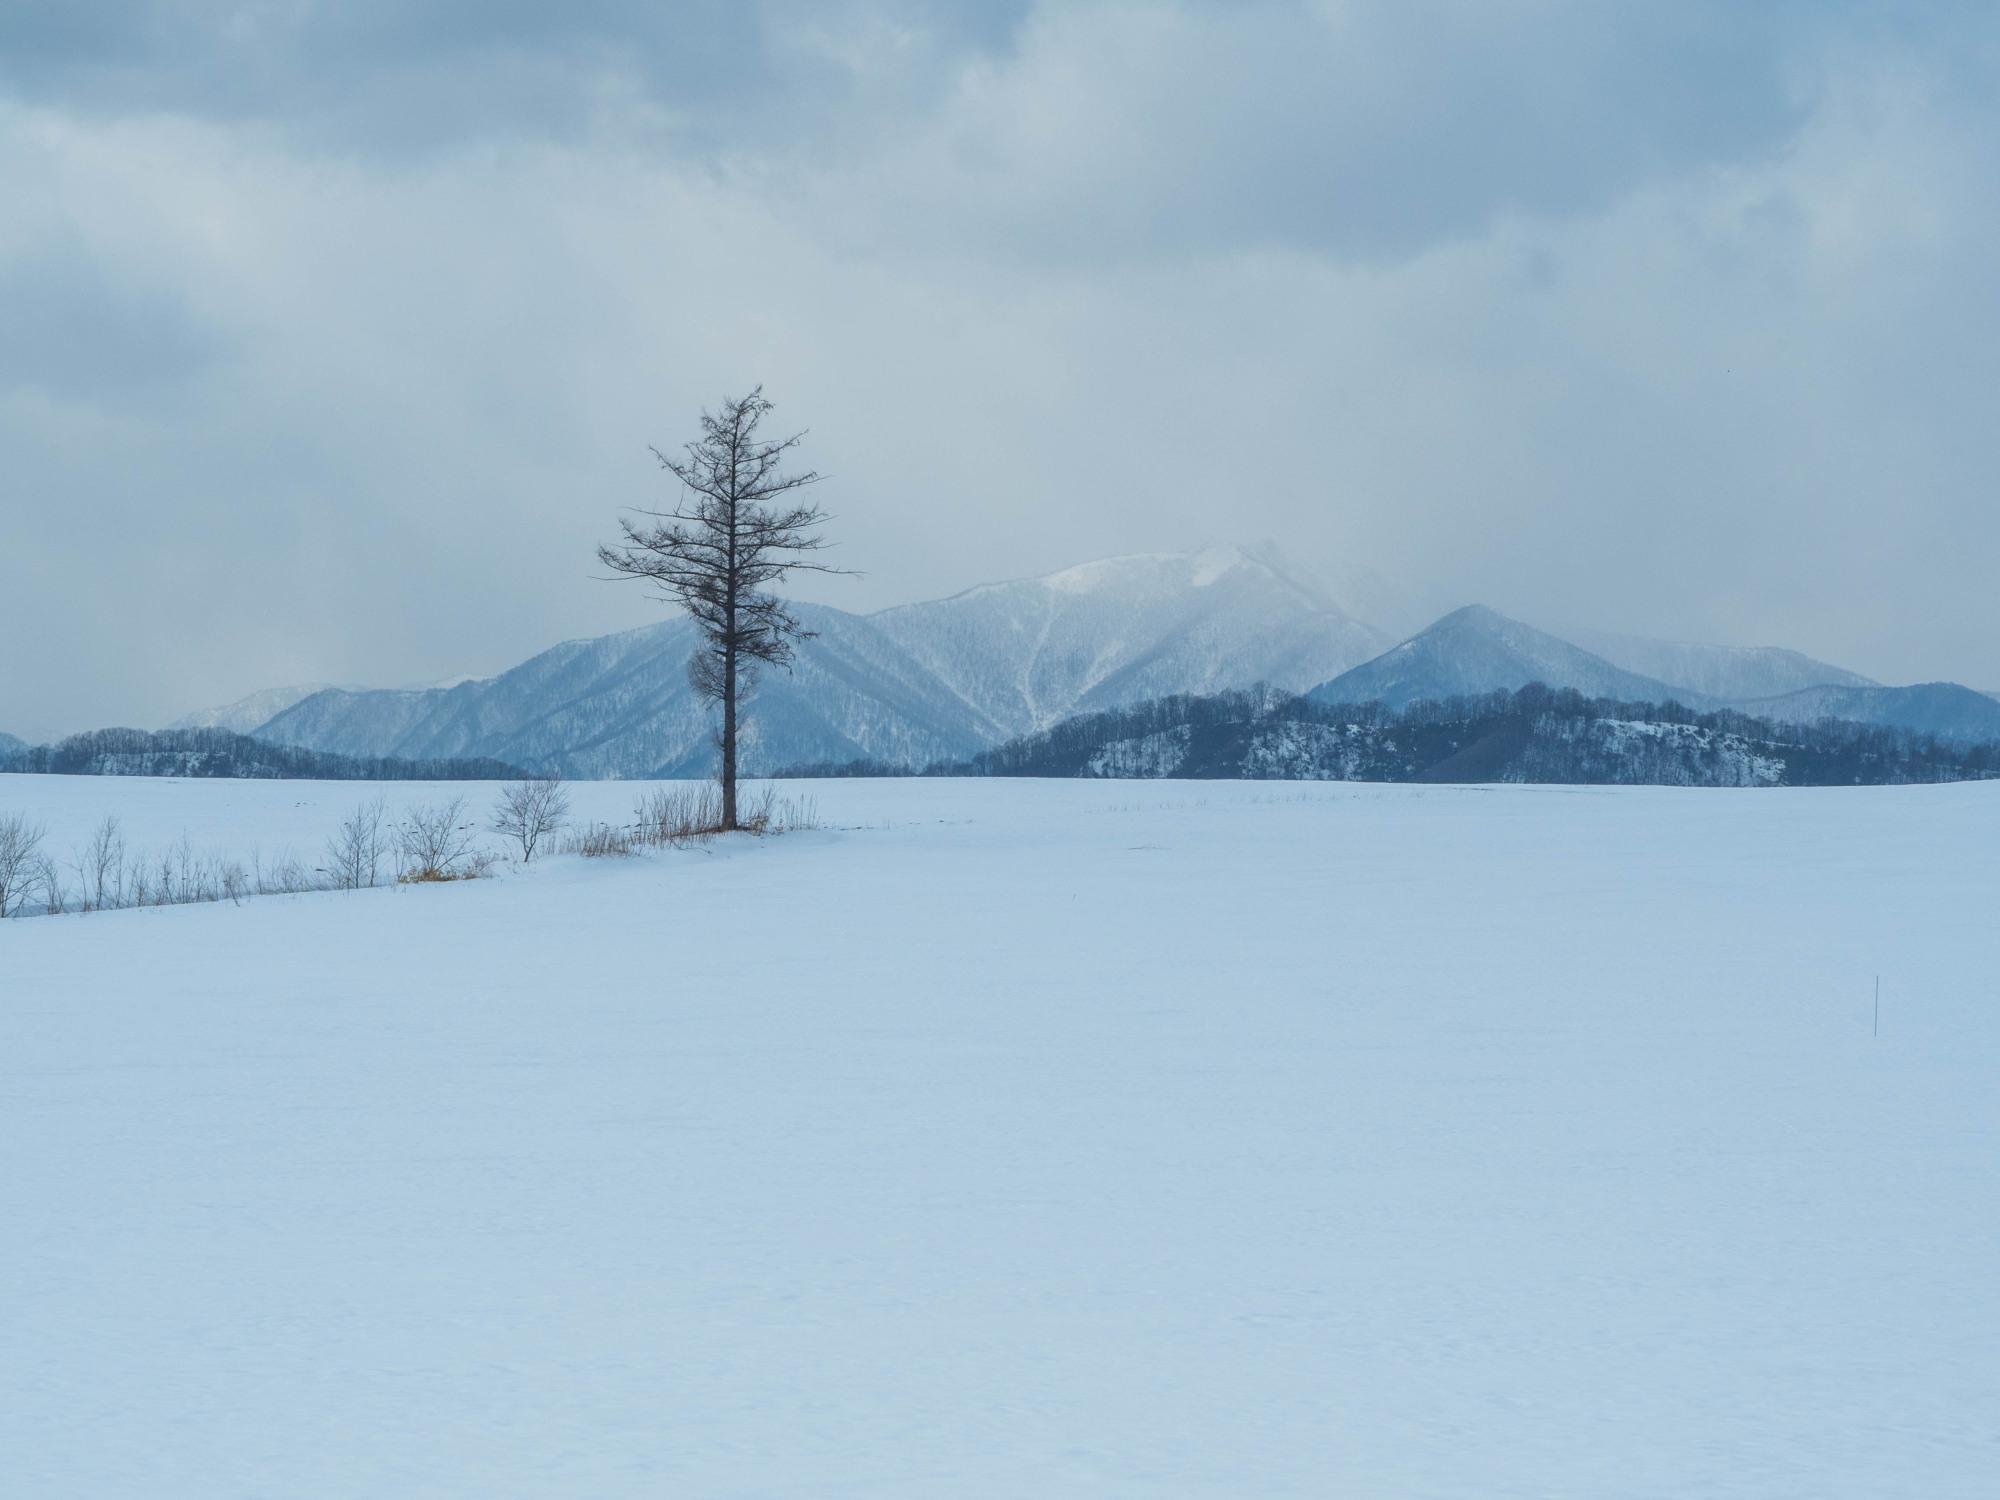 2月だけど春っぽい?中札内村とその周辺ツアー_f0276498_00012242.jpg